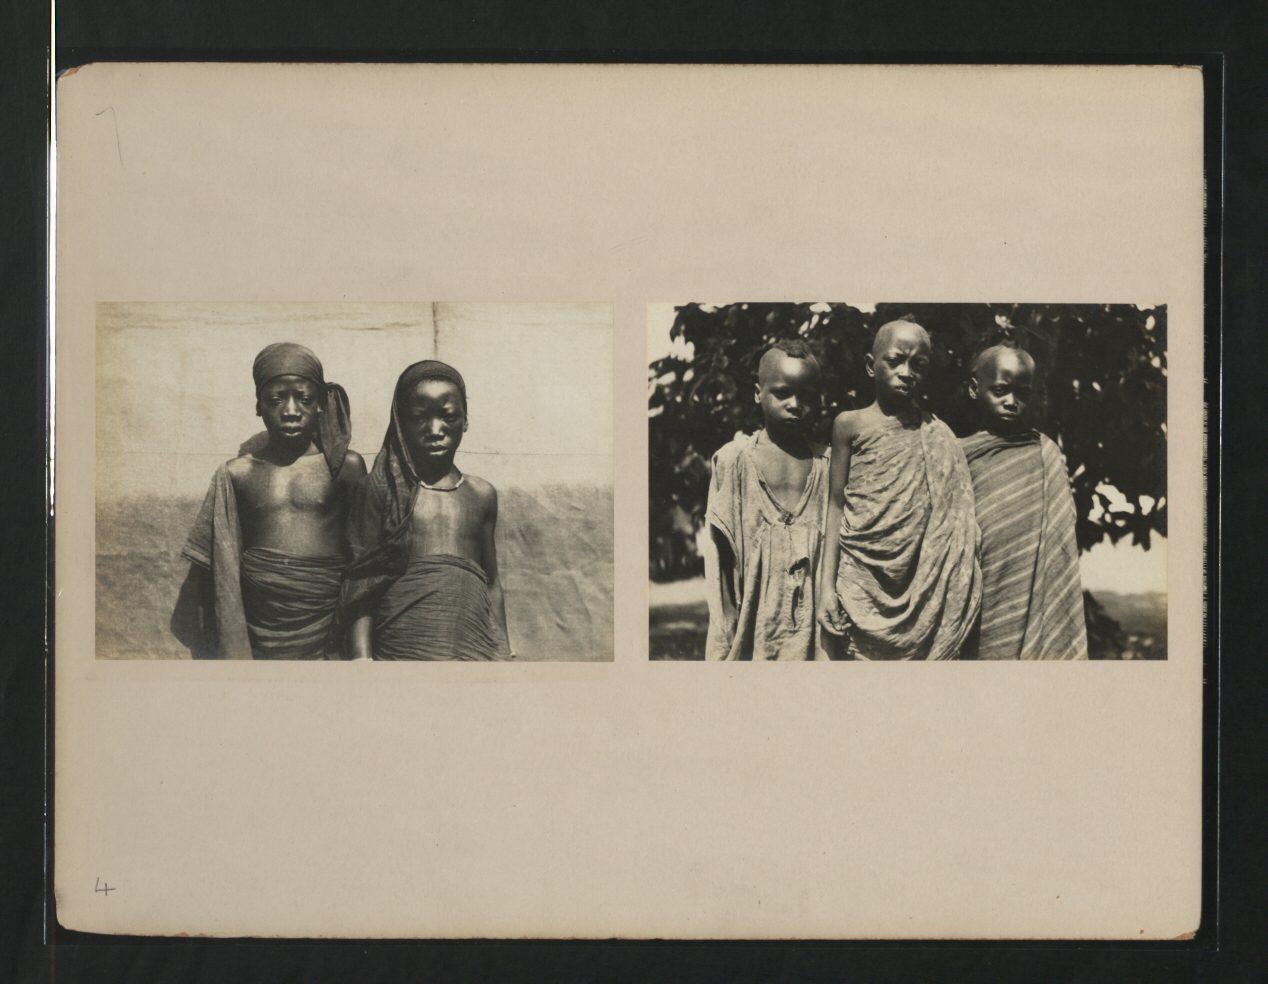 Kamberi girls and boys. Nigeria. 1920s.